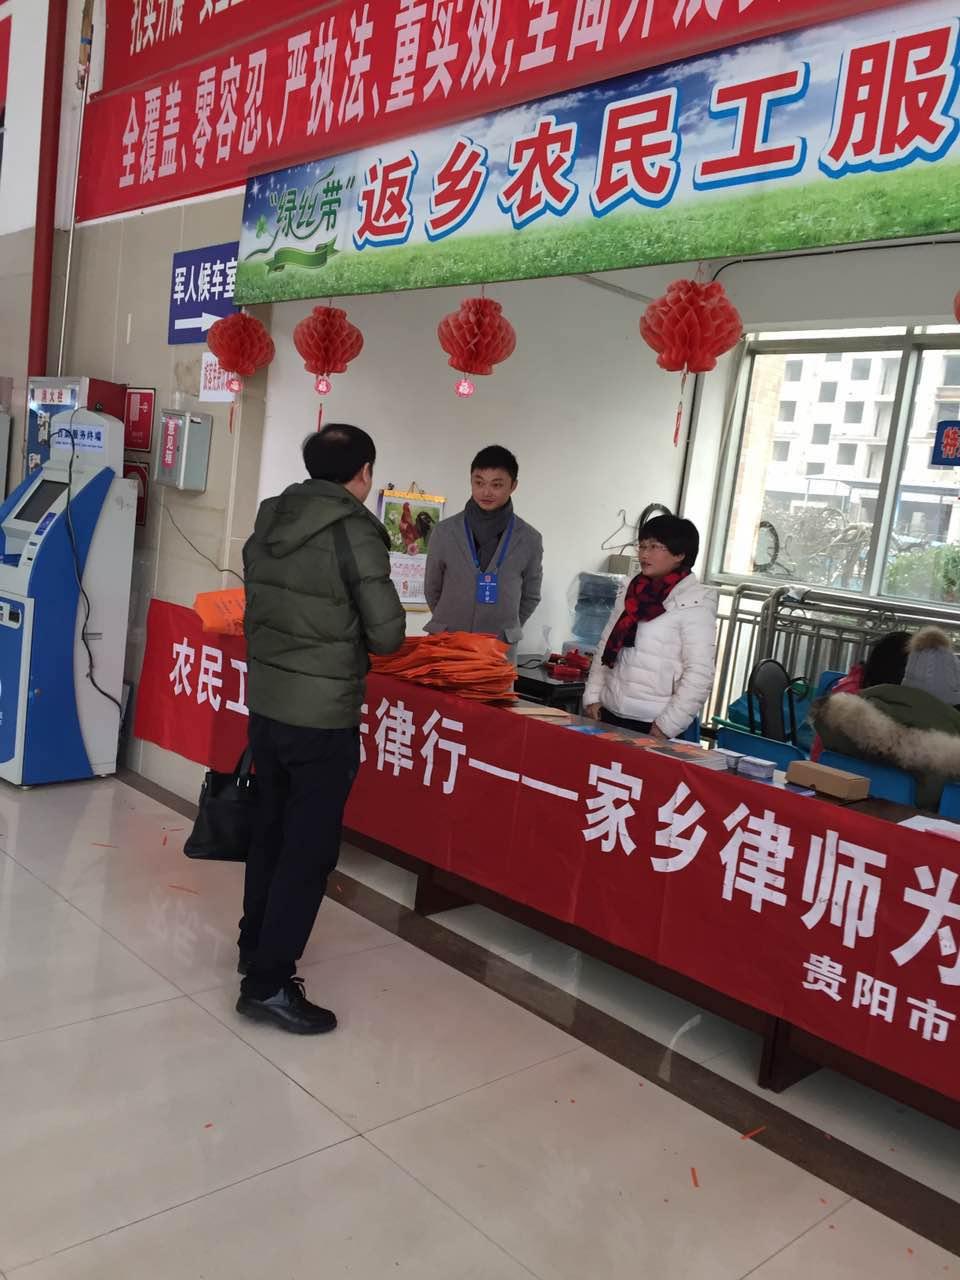 贵州yb亚博体育网页版登录亚博体育手机app下载